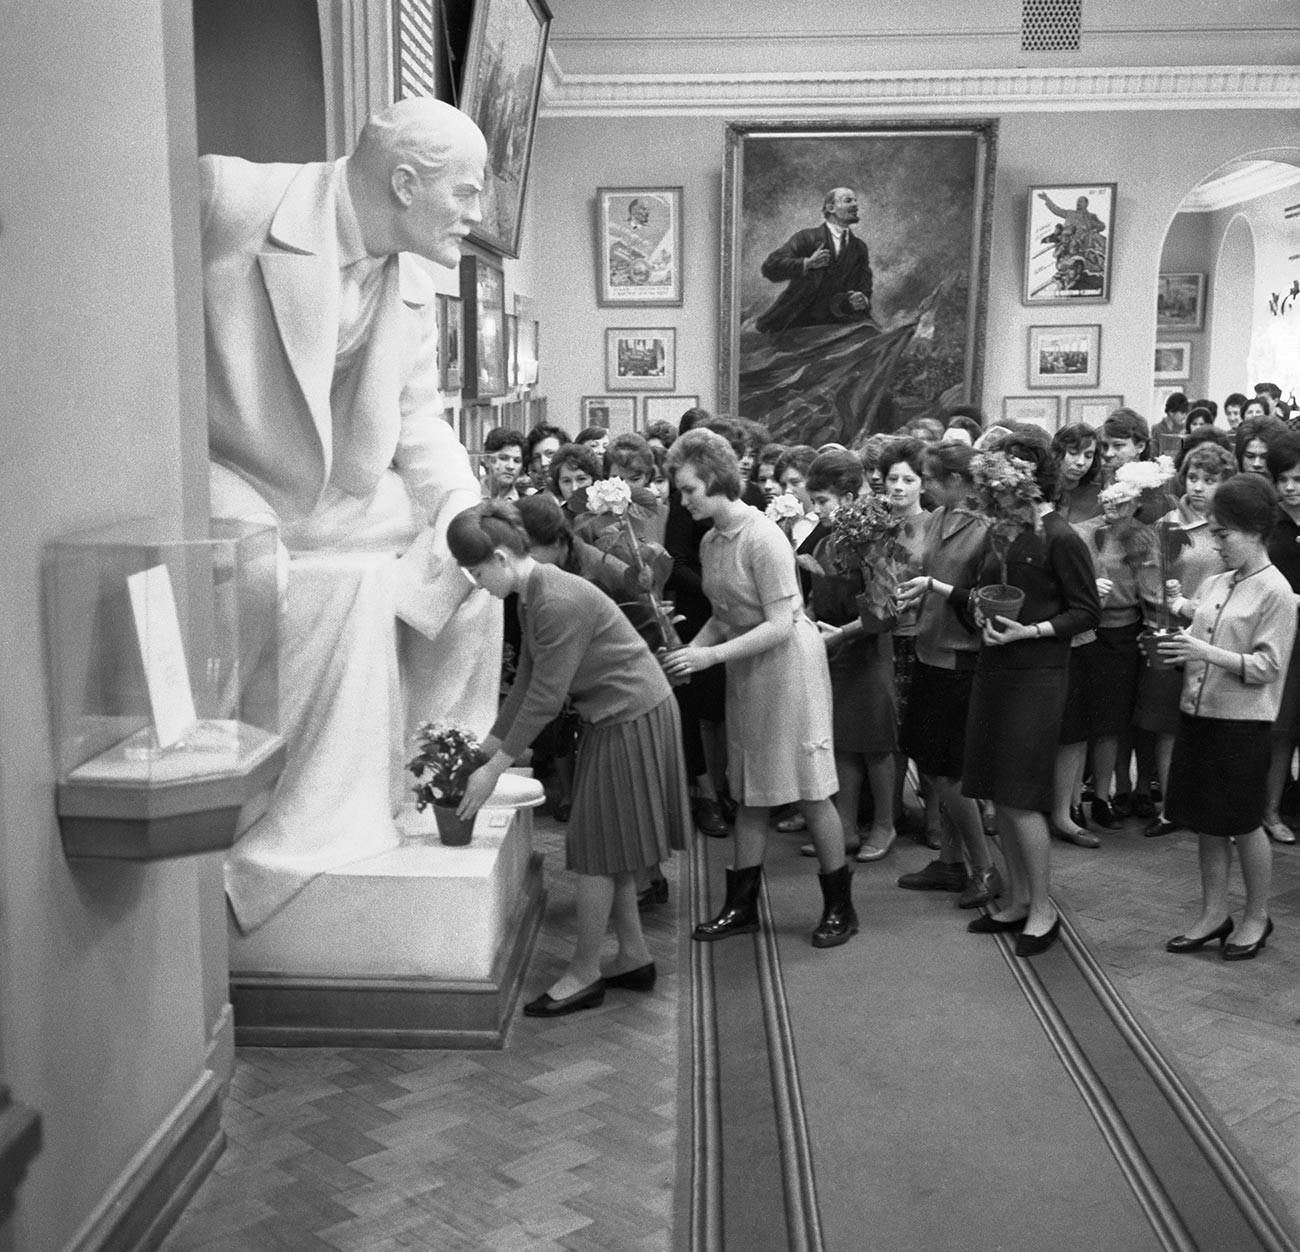 レーニン像に献花する人々